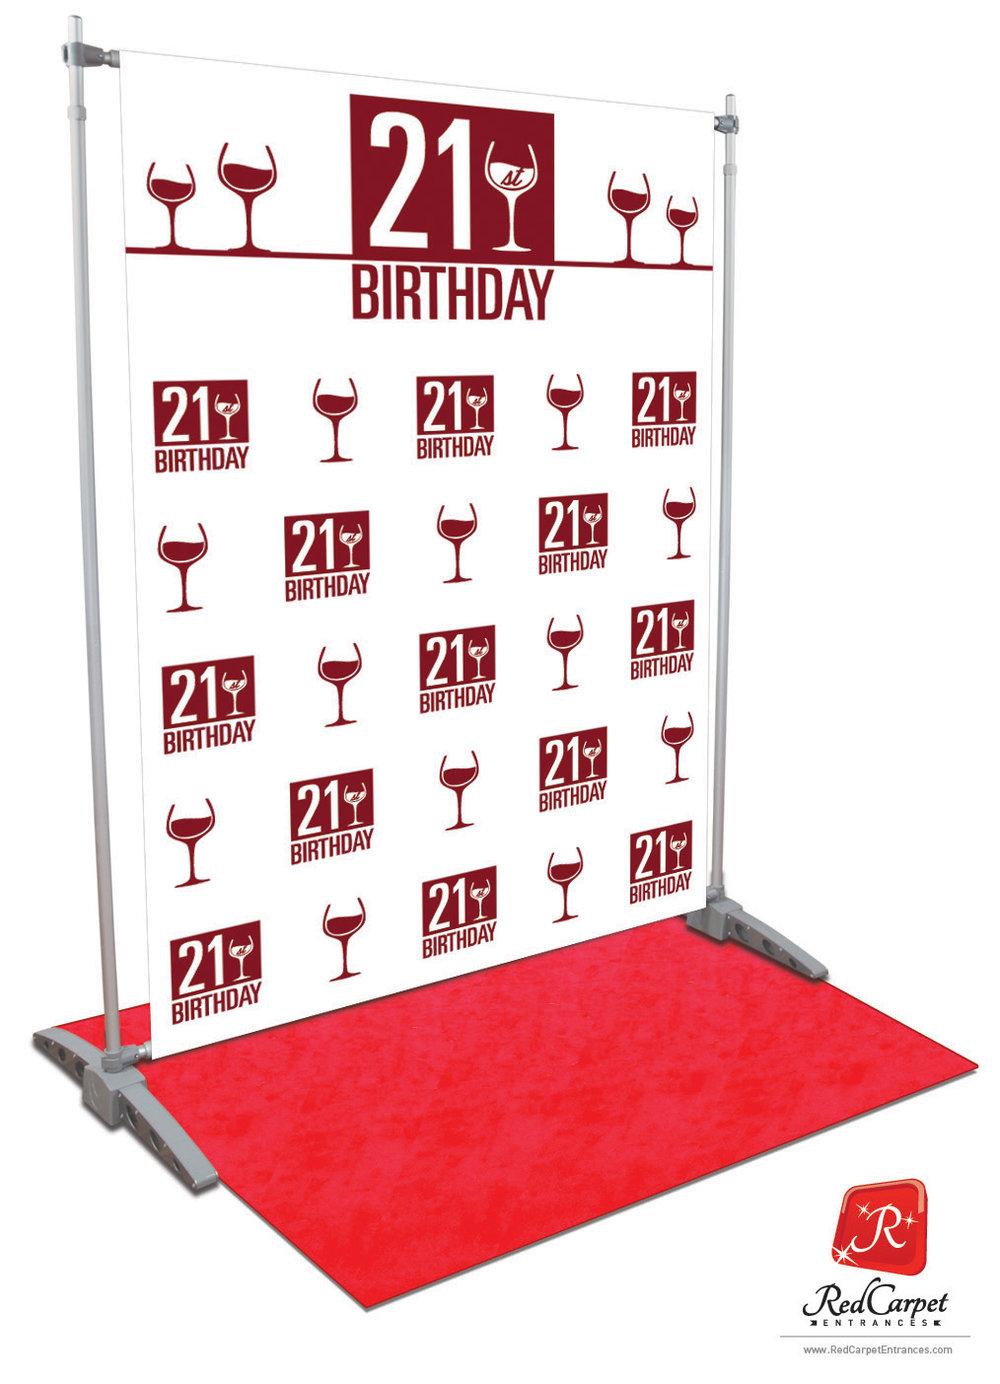 21st Birthday Backdrop White 5x8 Red Carpet Runner